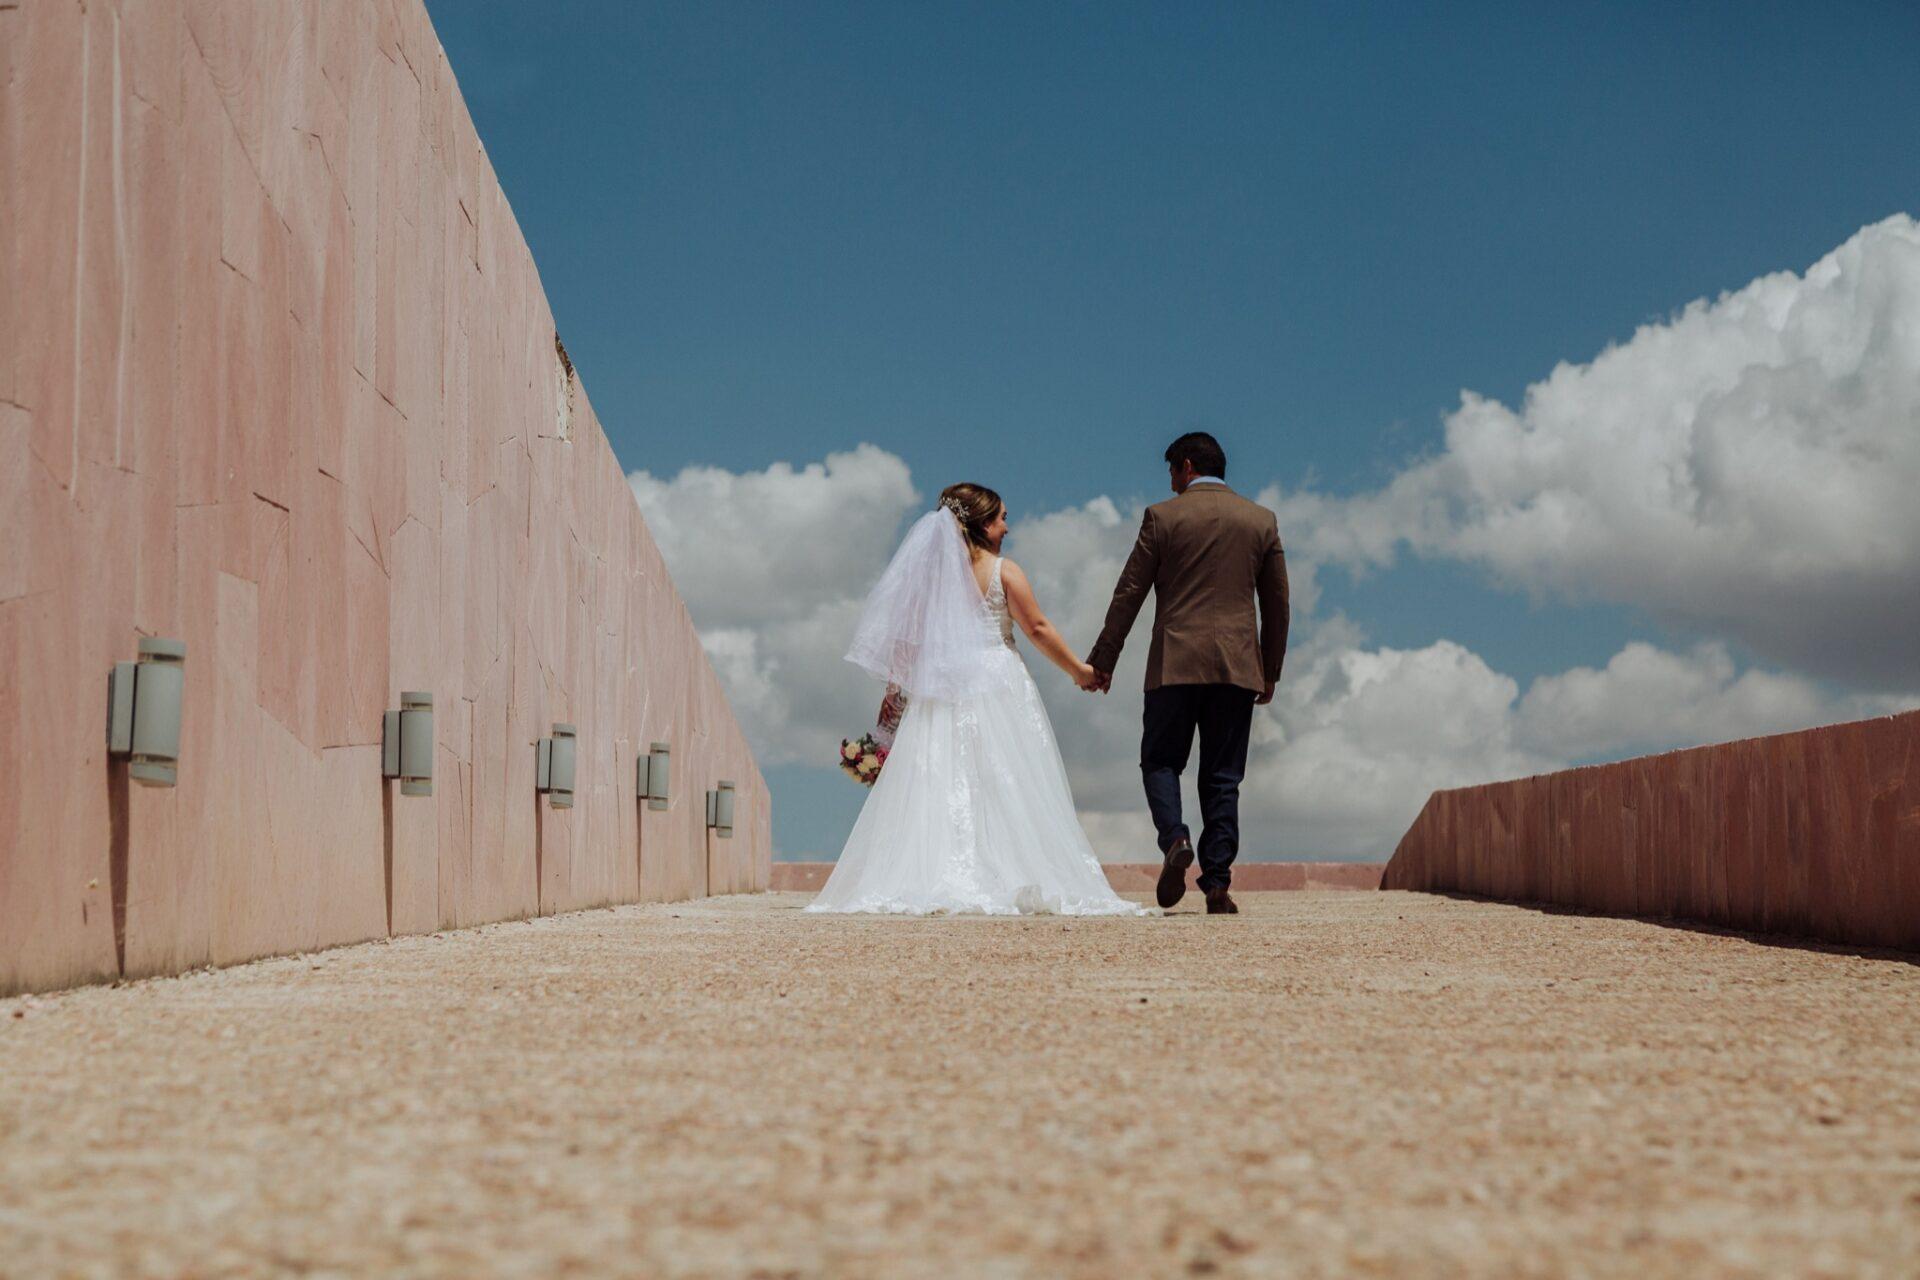 javier_noriega_fotografo_bodas_los_gaviones_zacatecas_wedding_photographer12